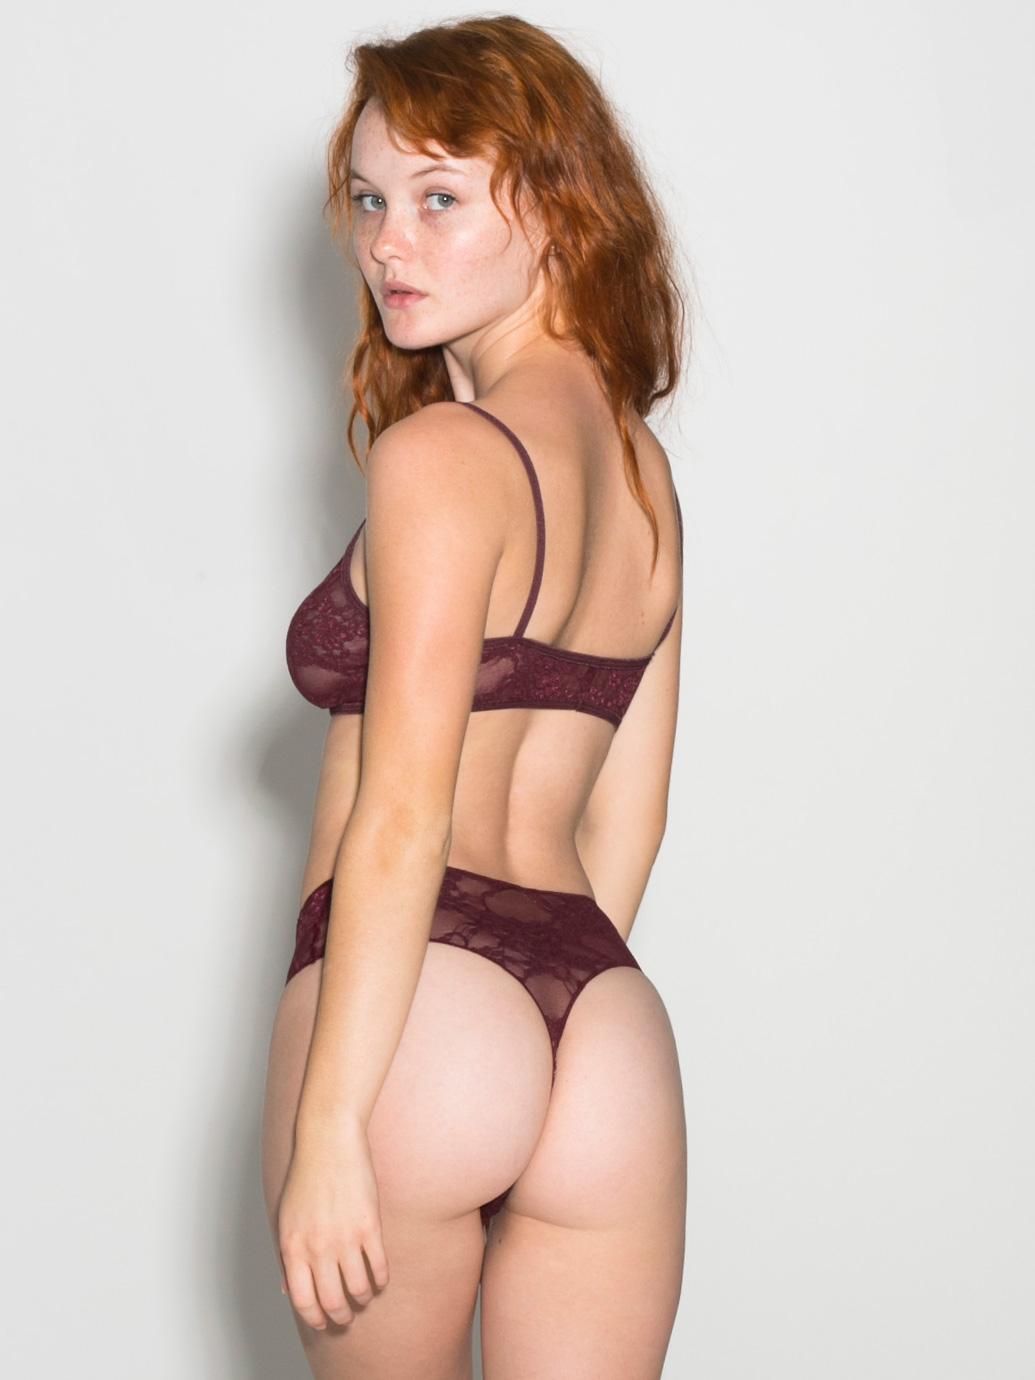 Wallpaper Kacy Anne Hill Underwear Women Redhead